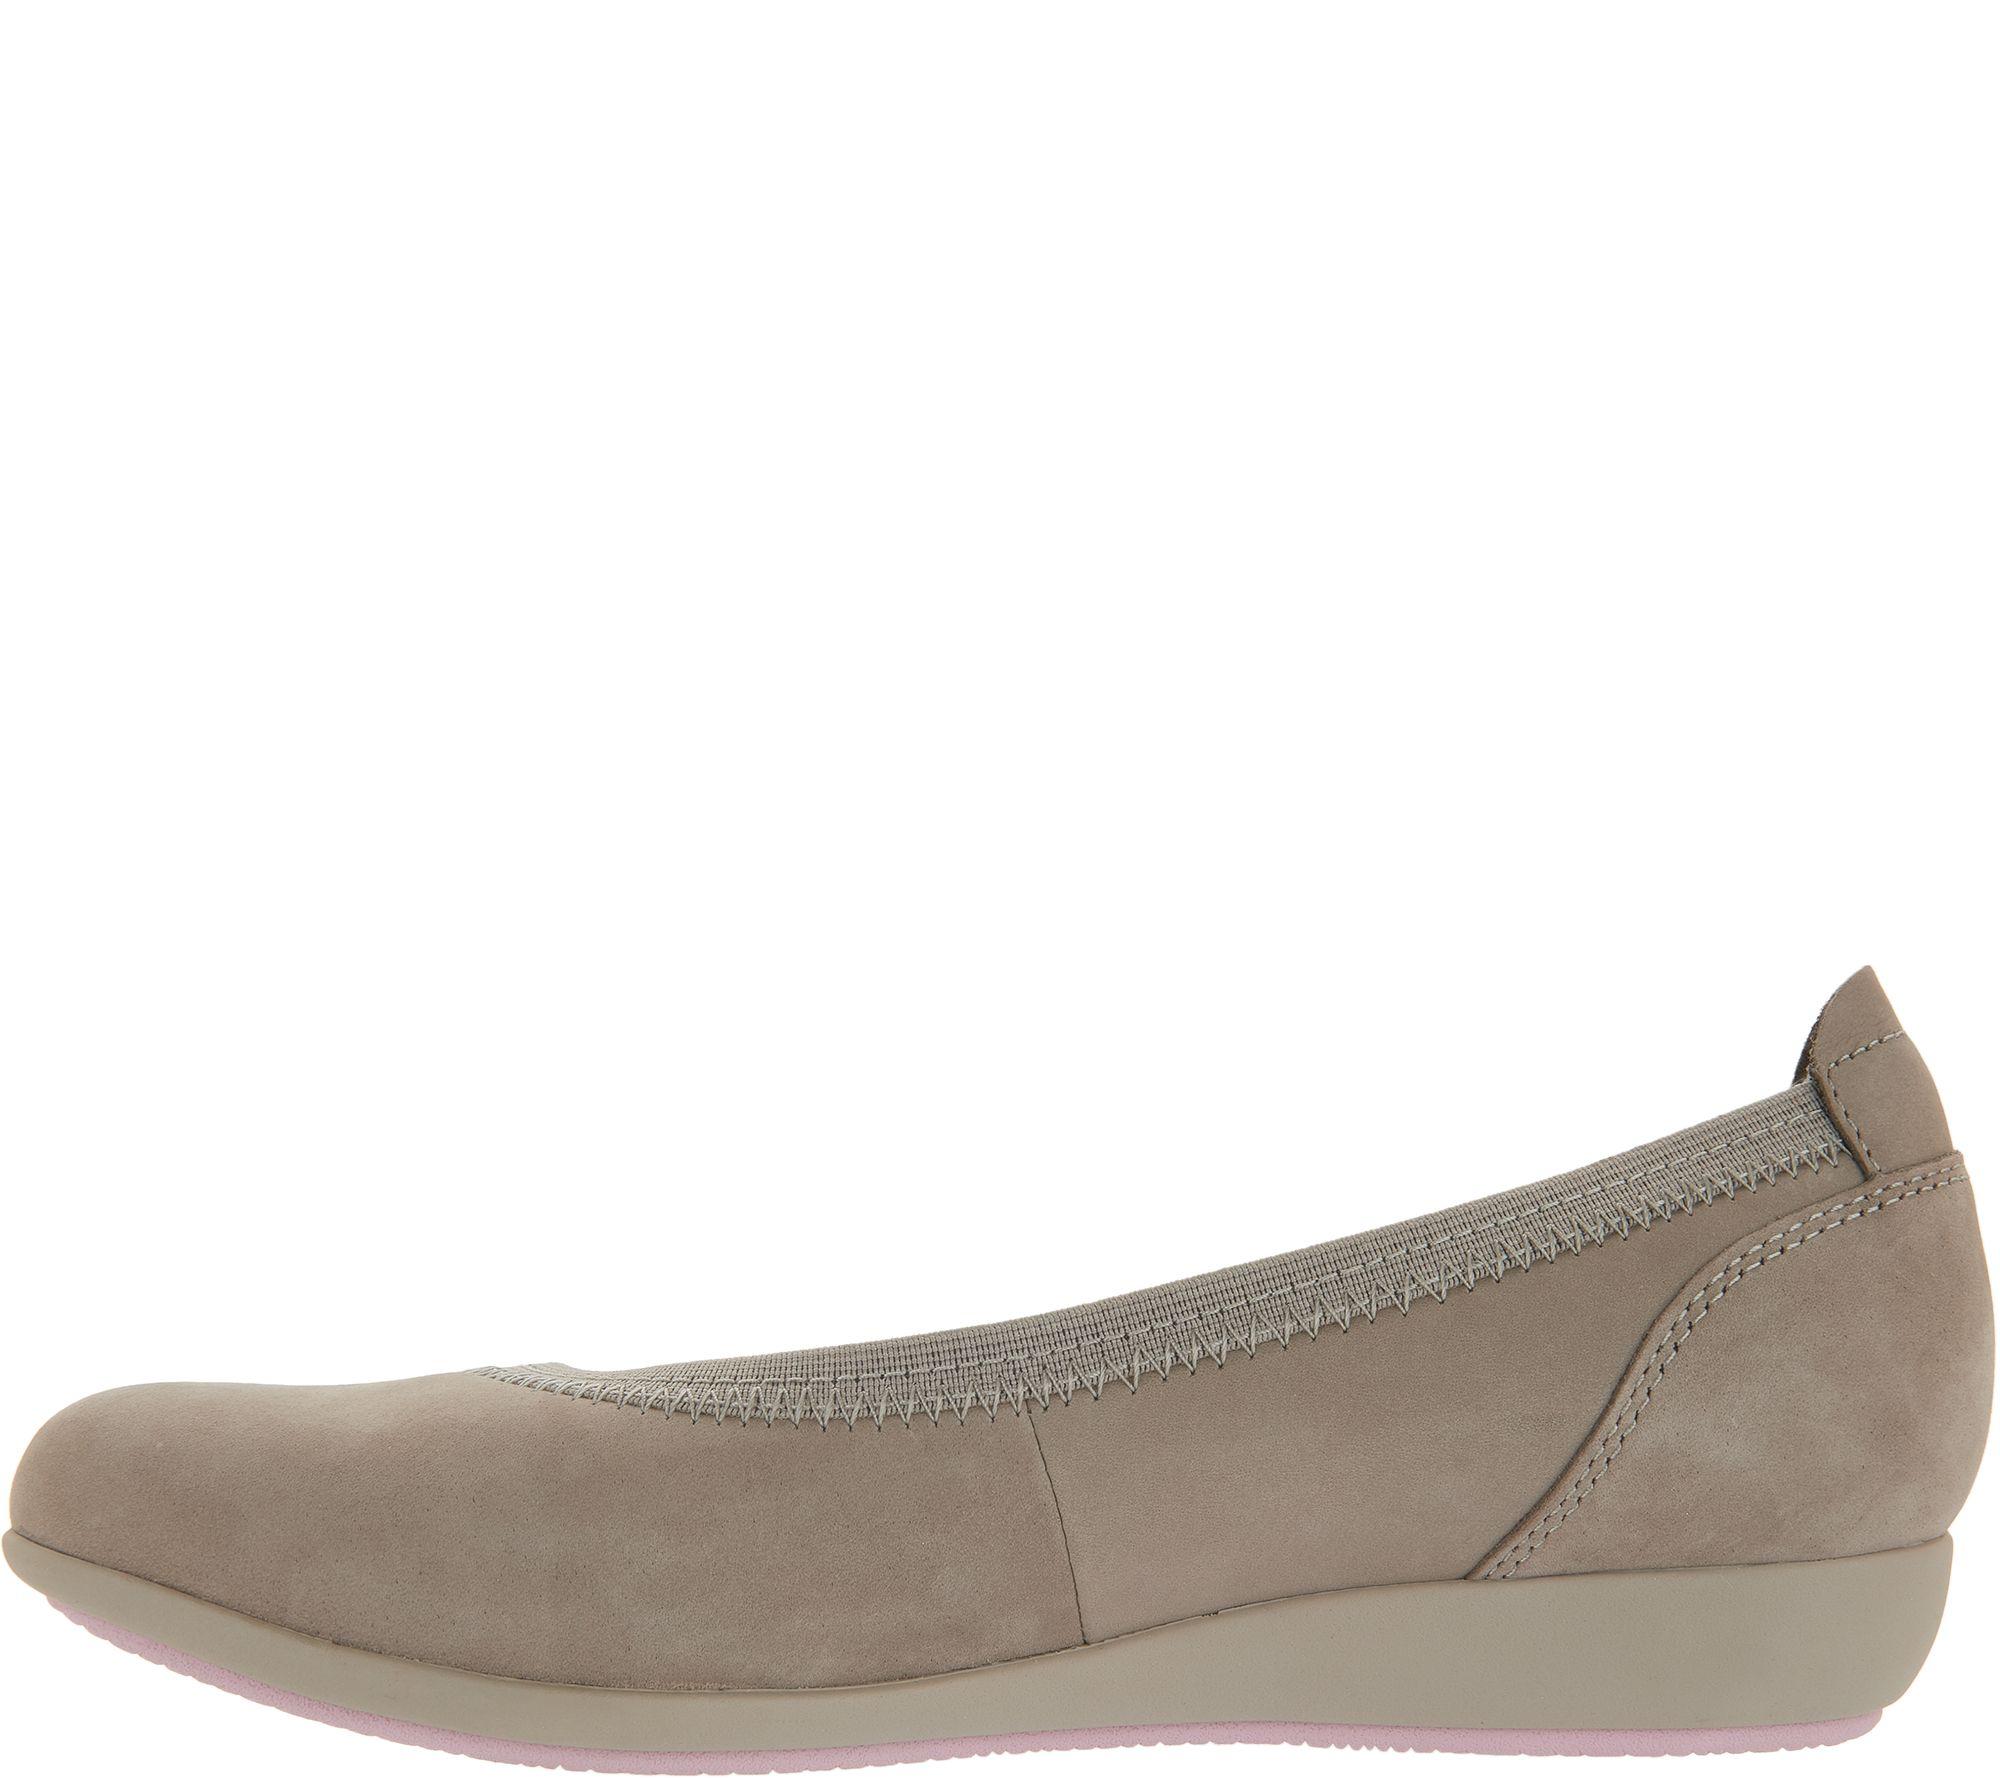 7100493dba4f Dansko Nubuck Leather Flats - Kristen - Page 1 — QVC.com